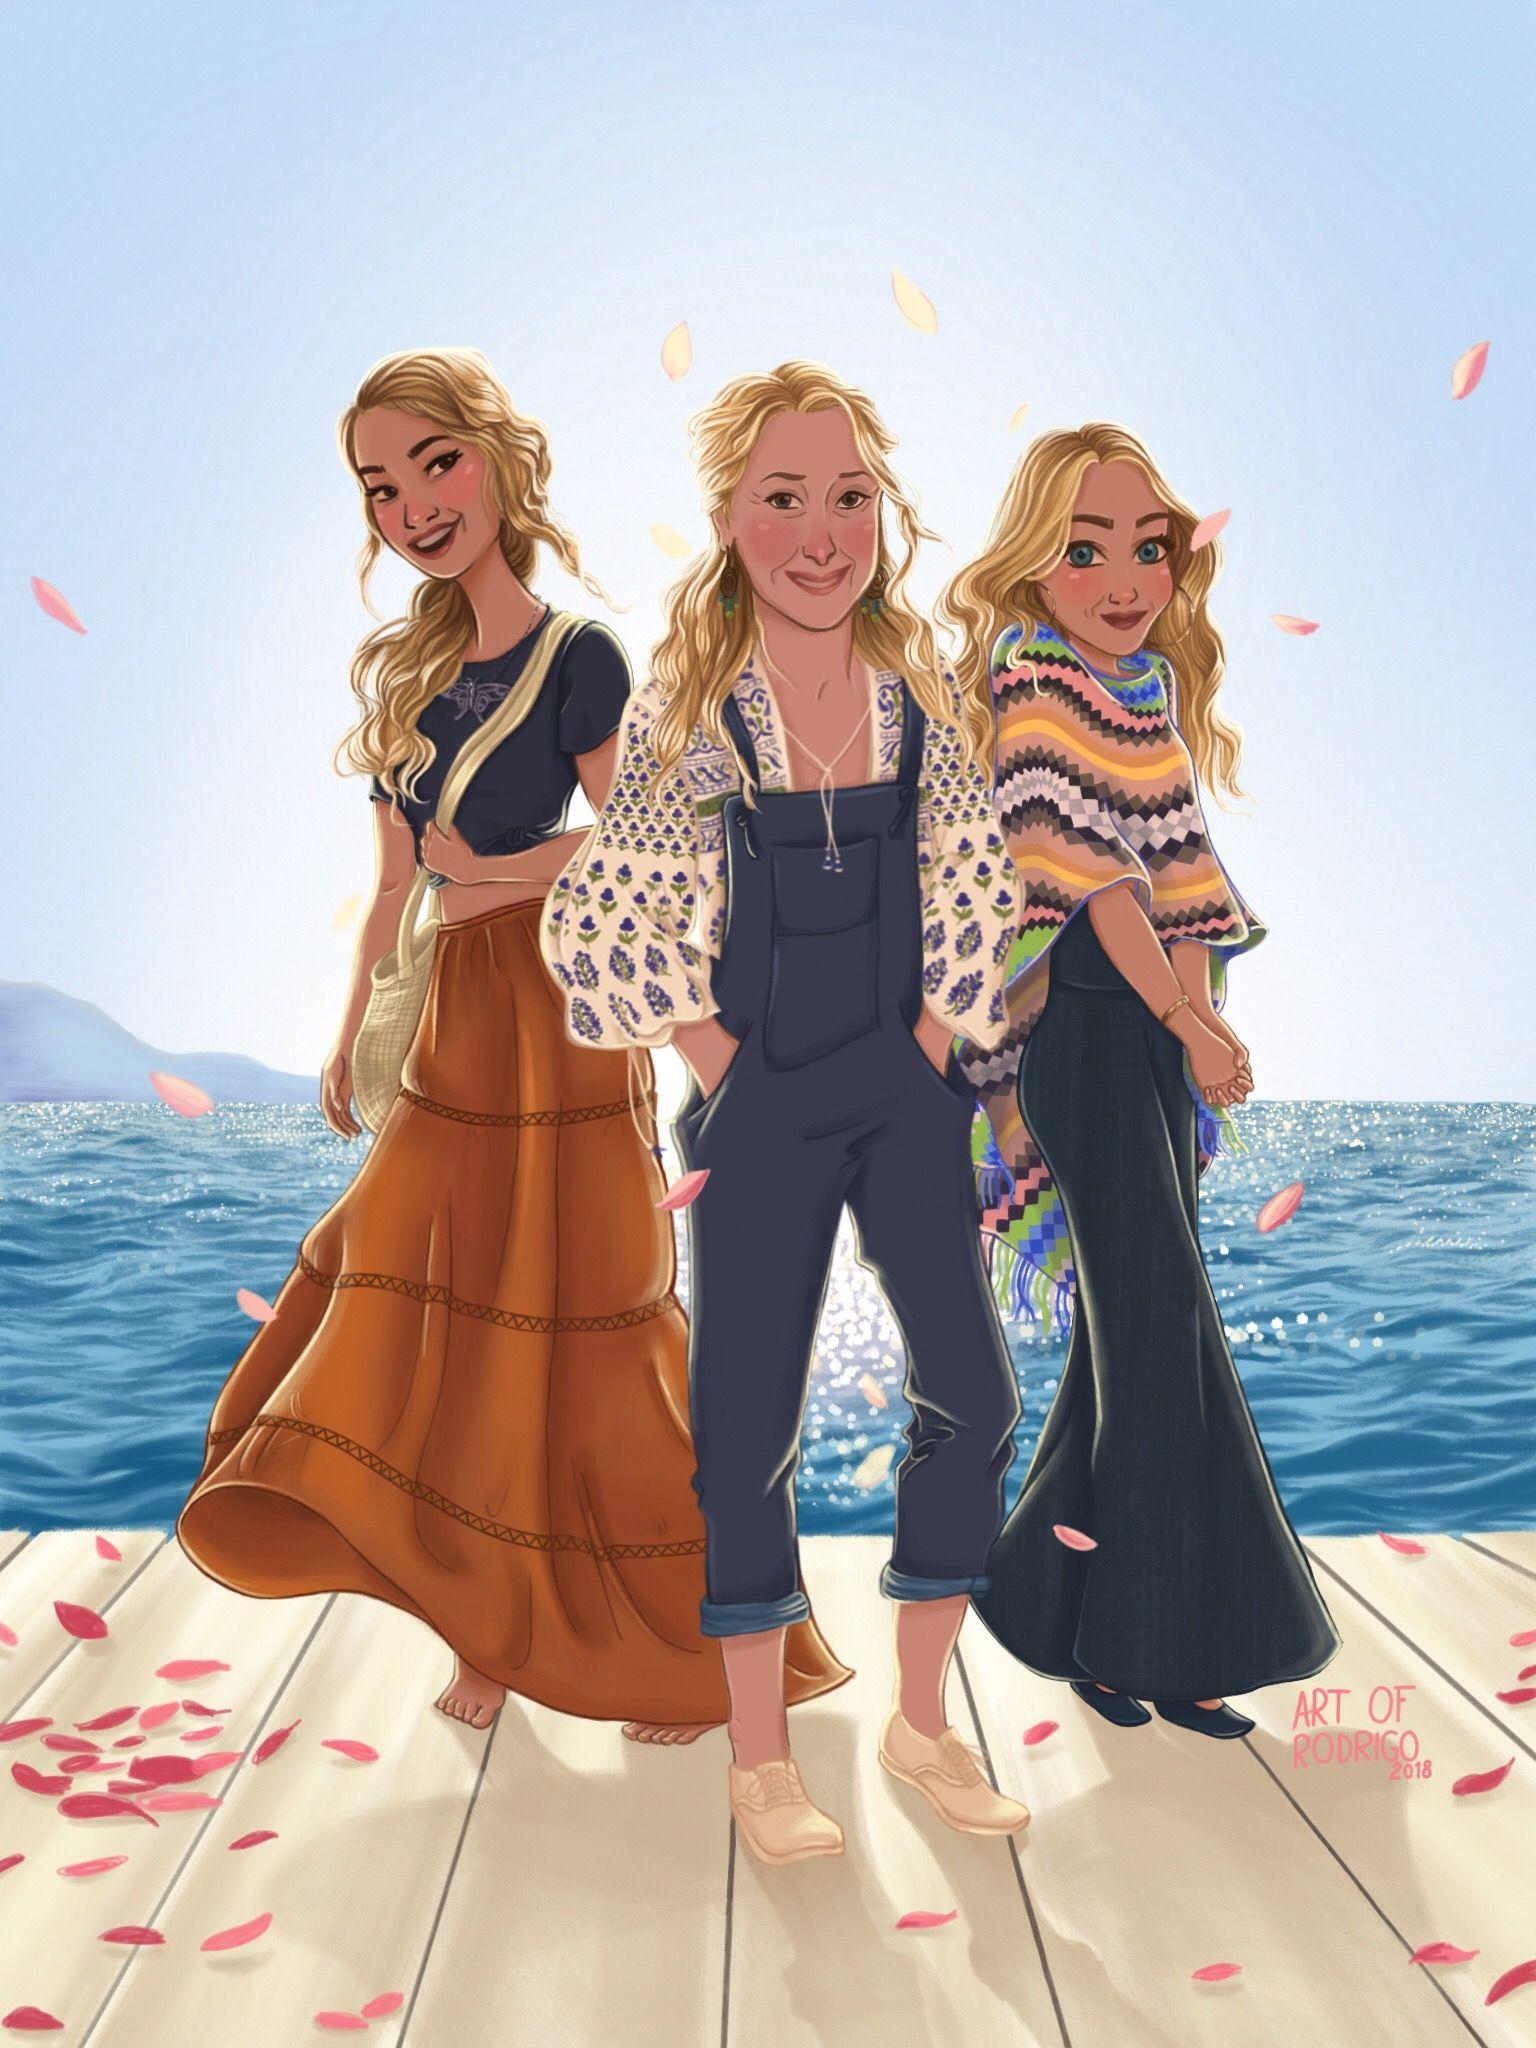 Pin By Brianna Partyka On Mamma Mia With Images Mamma Mia Mama Mia Mamma